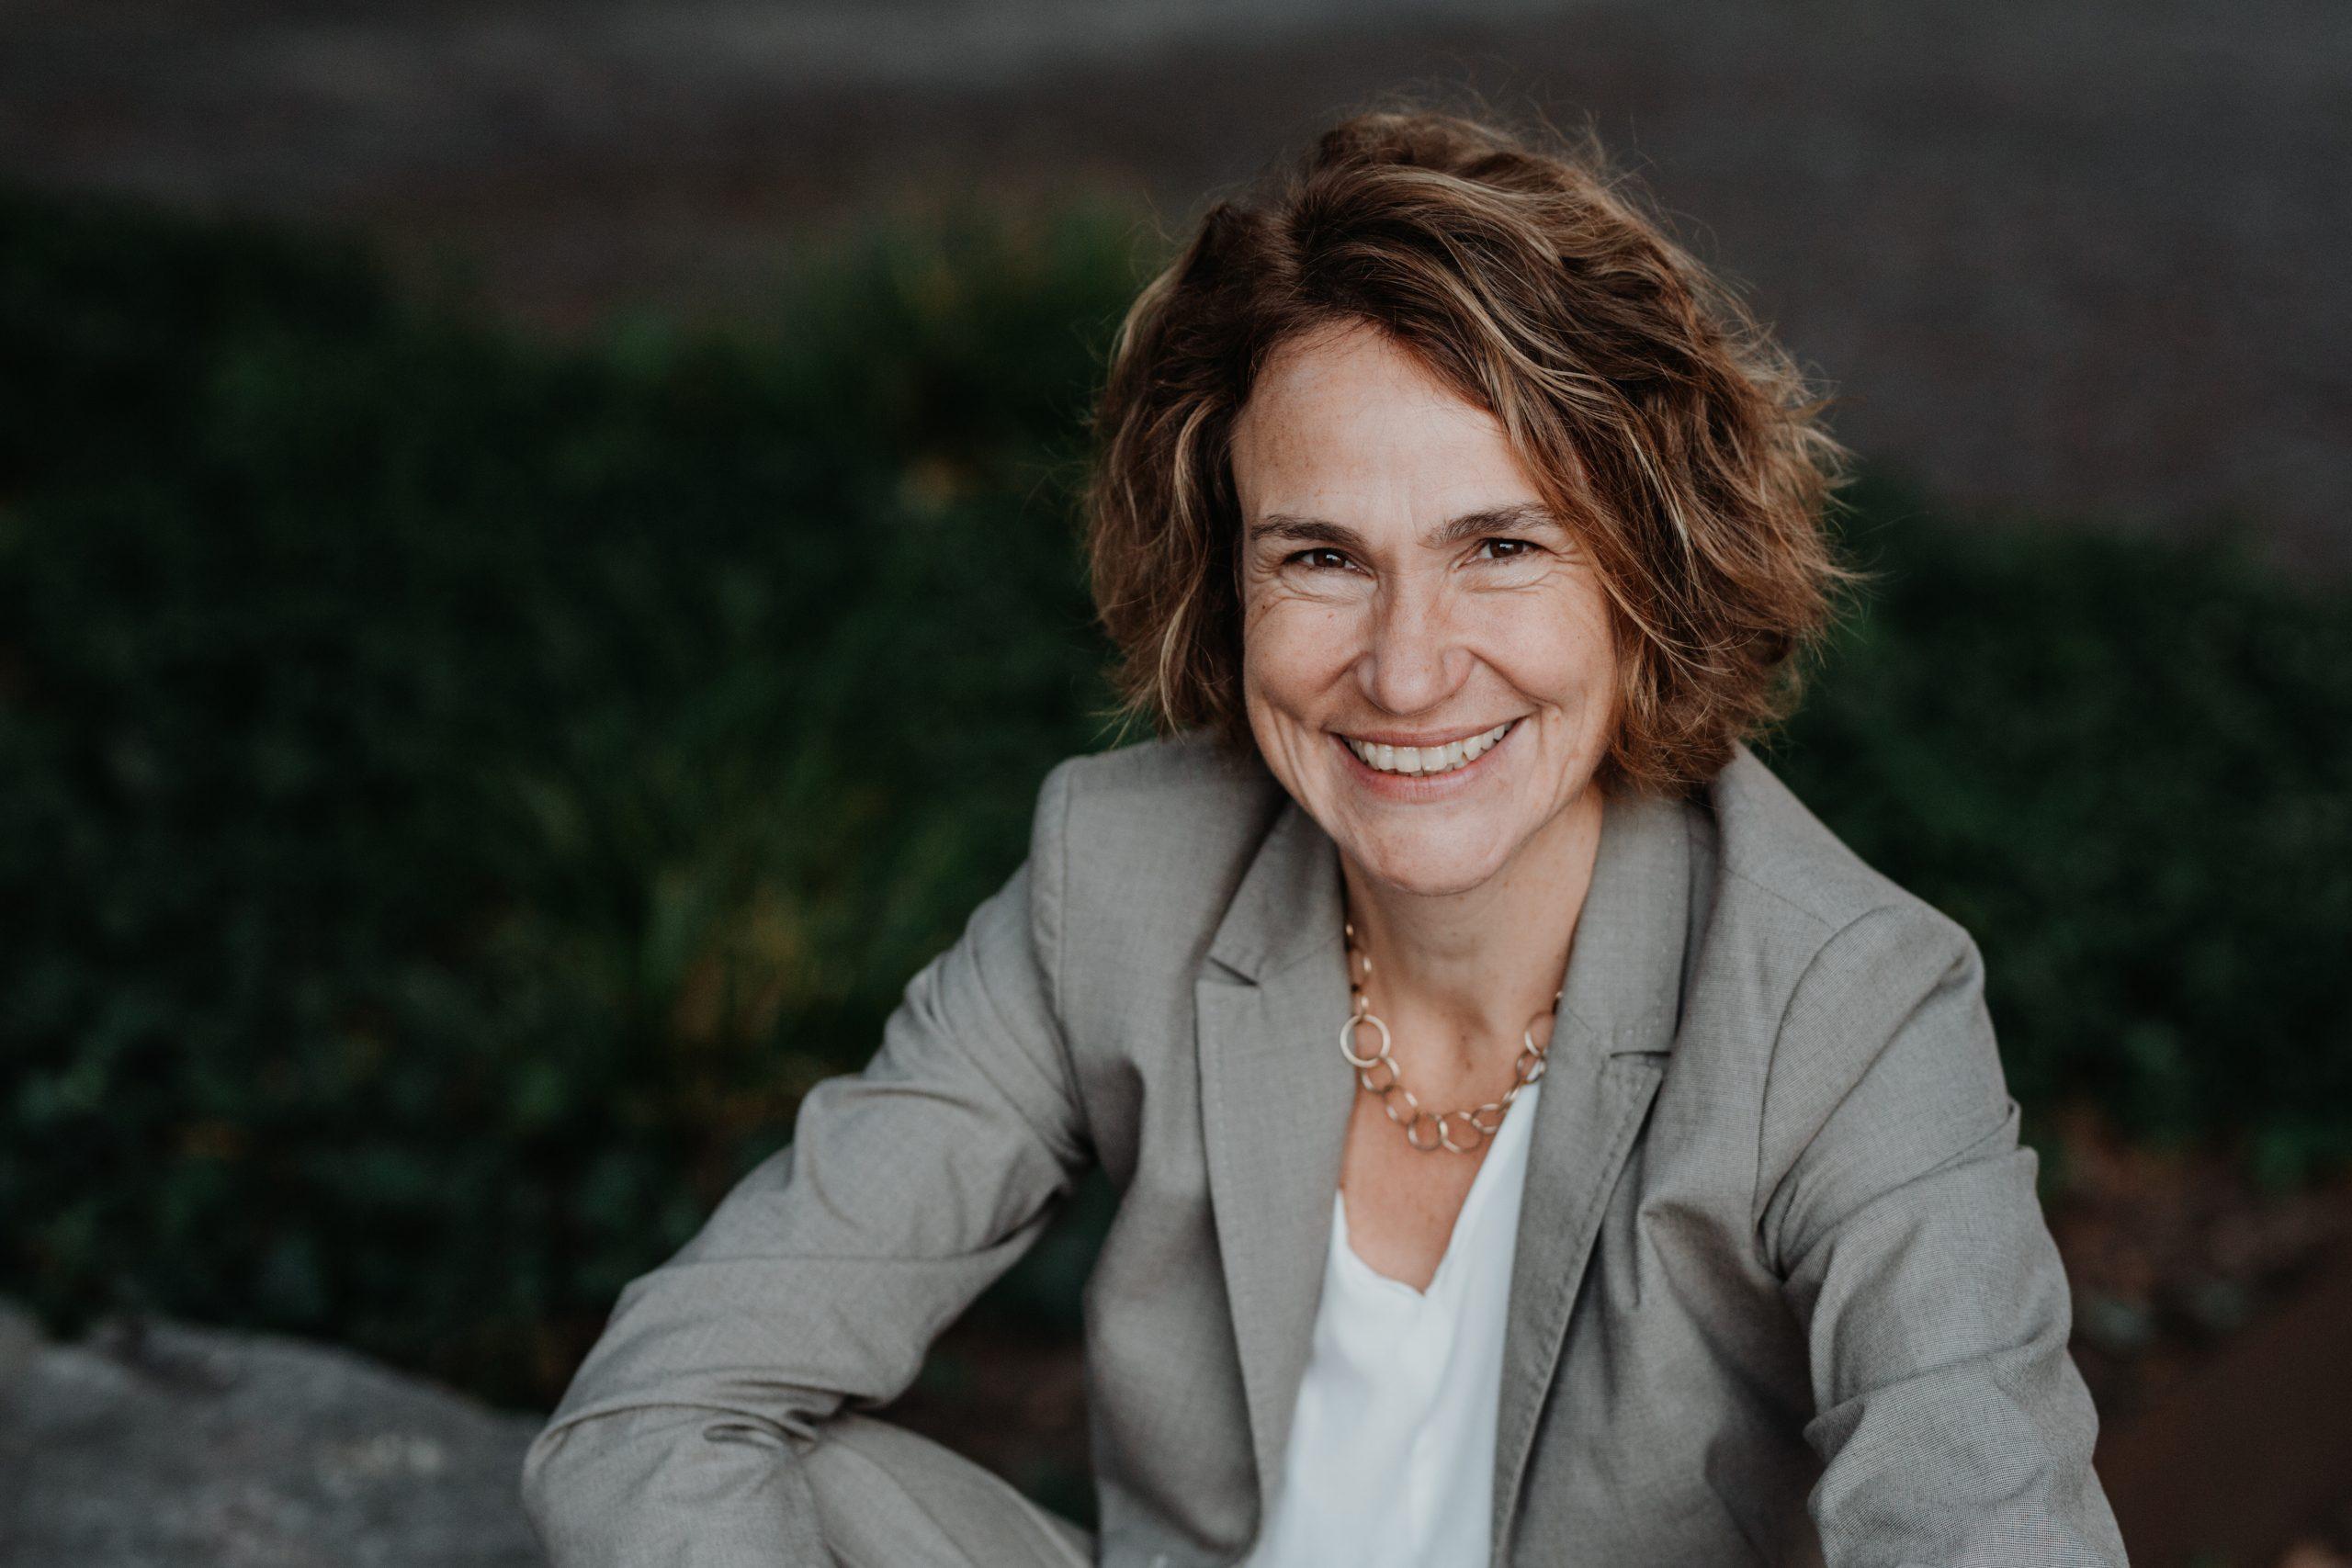 Karin Leven